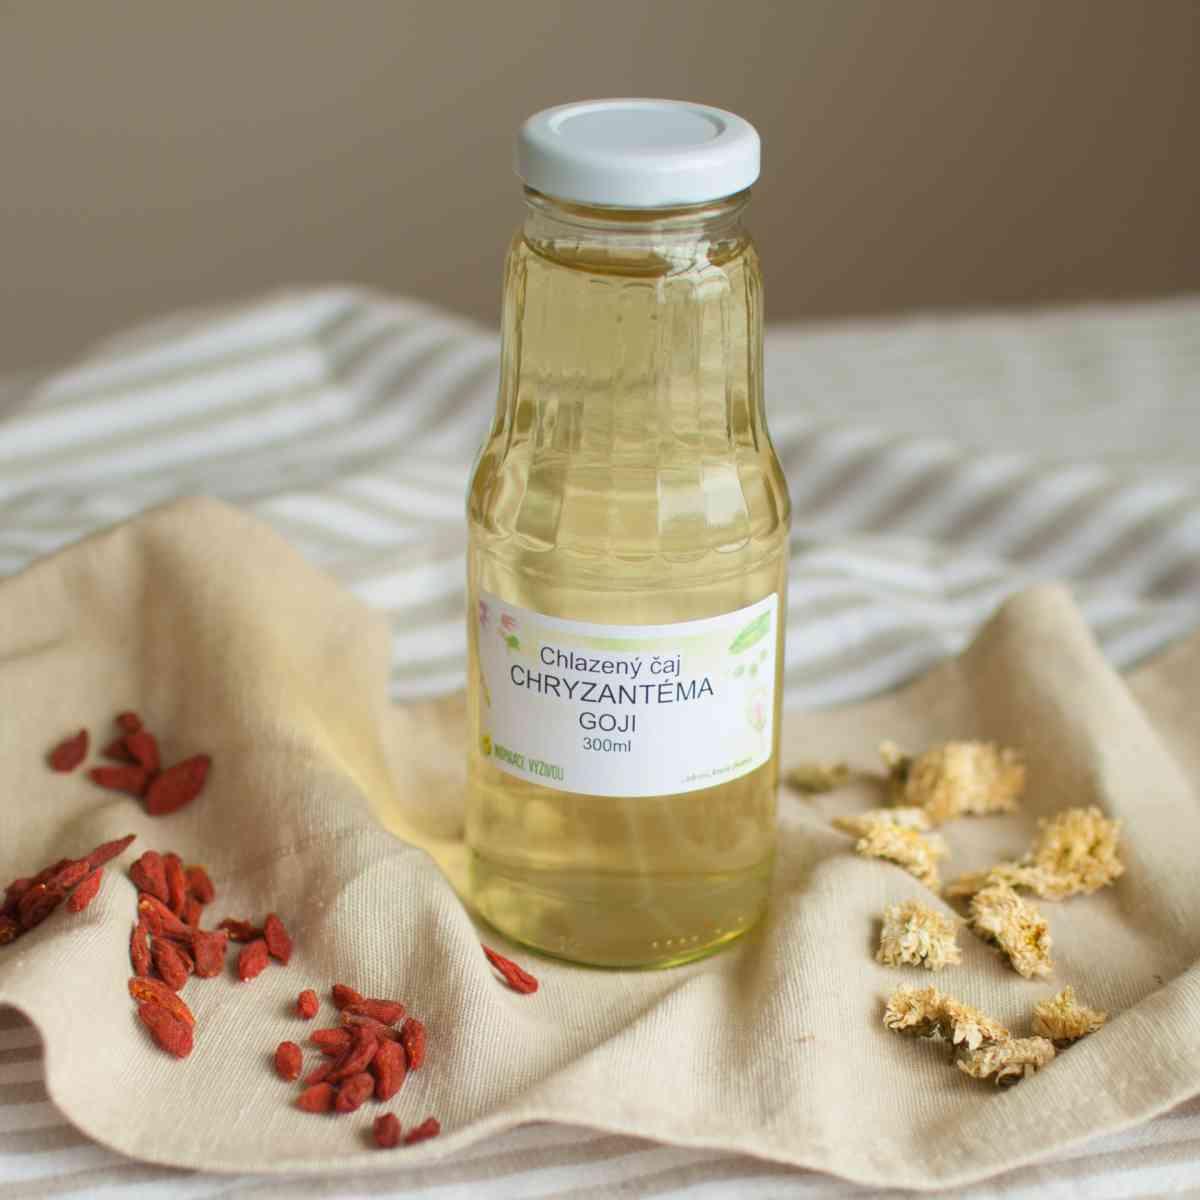 Chlazený čaj Chyzantéma + Goji